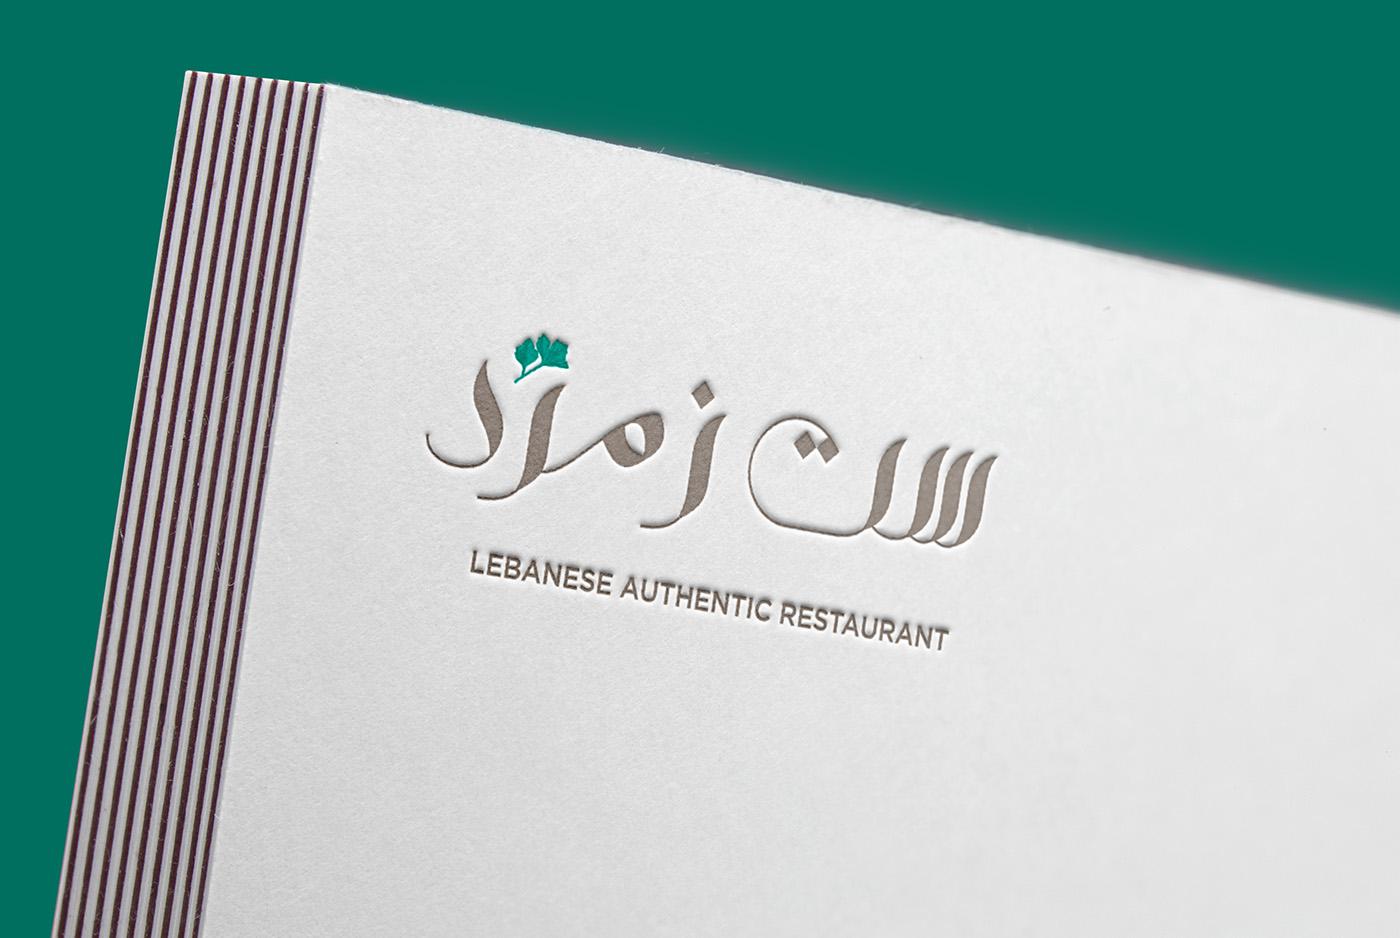 Sett Zmorrod Lebanese Authentic Restaurant On Behance